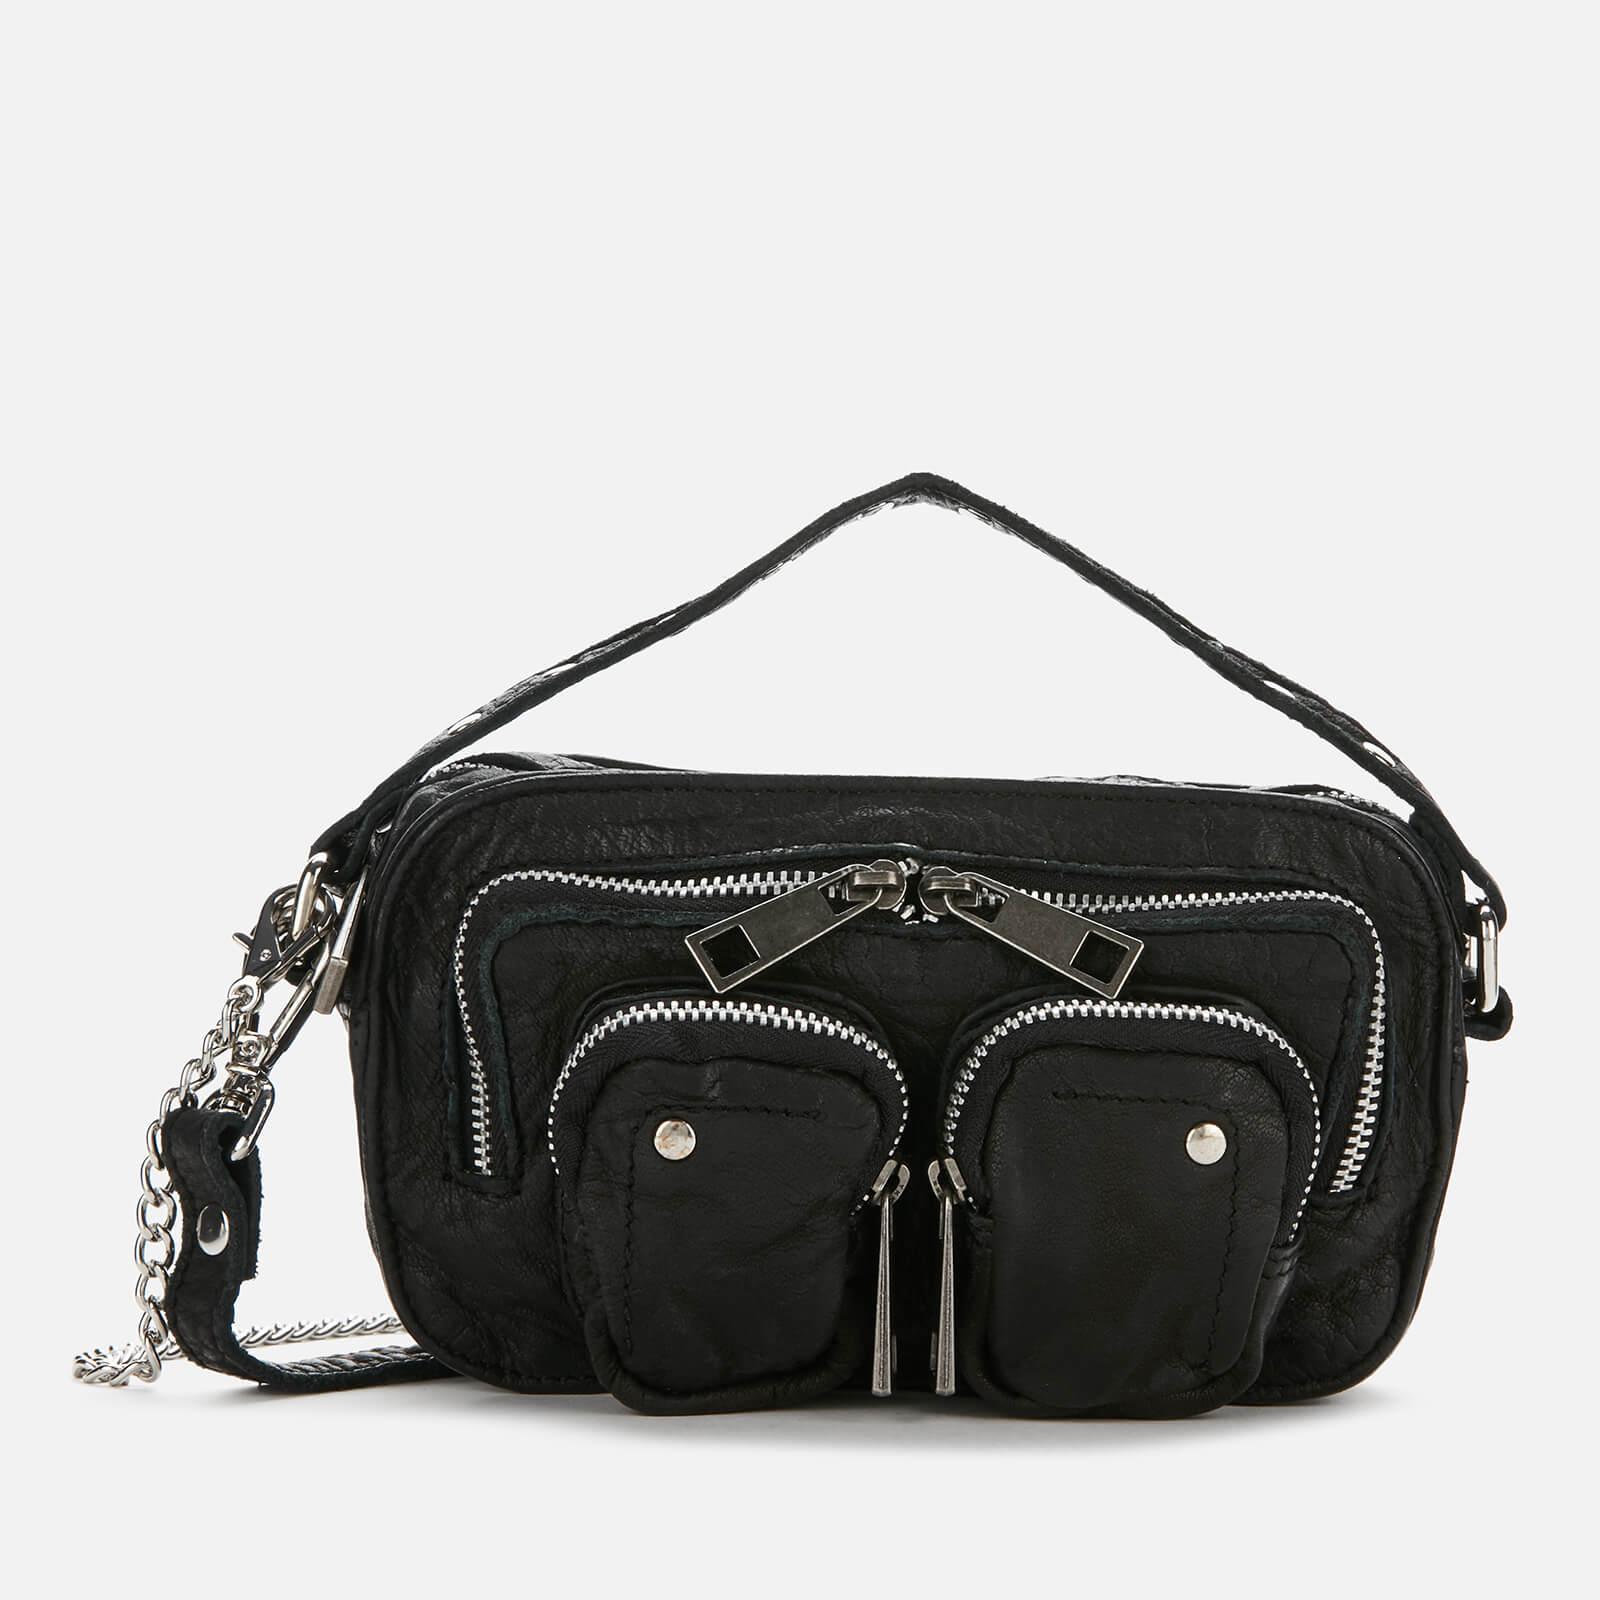 Núnoo Women's Helena Cross Body Bag - Black